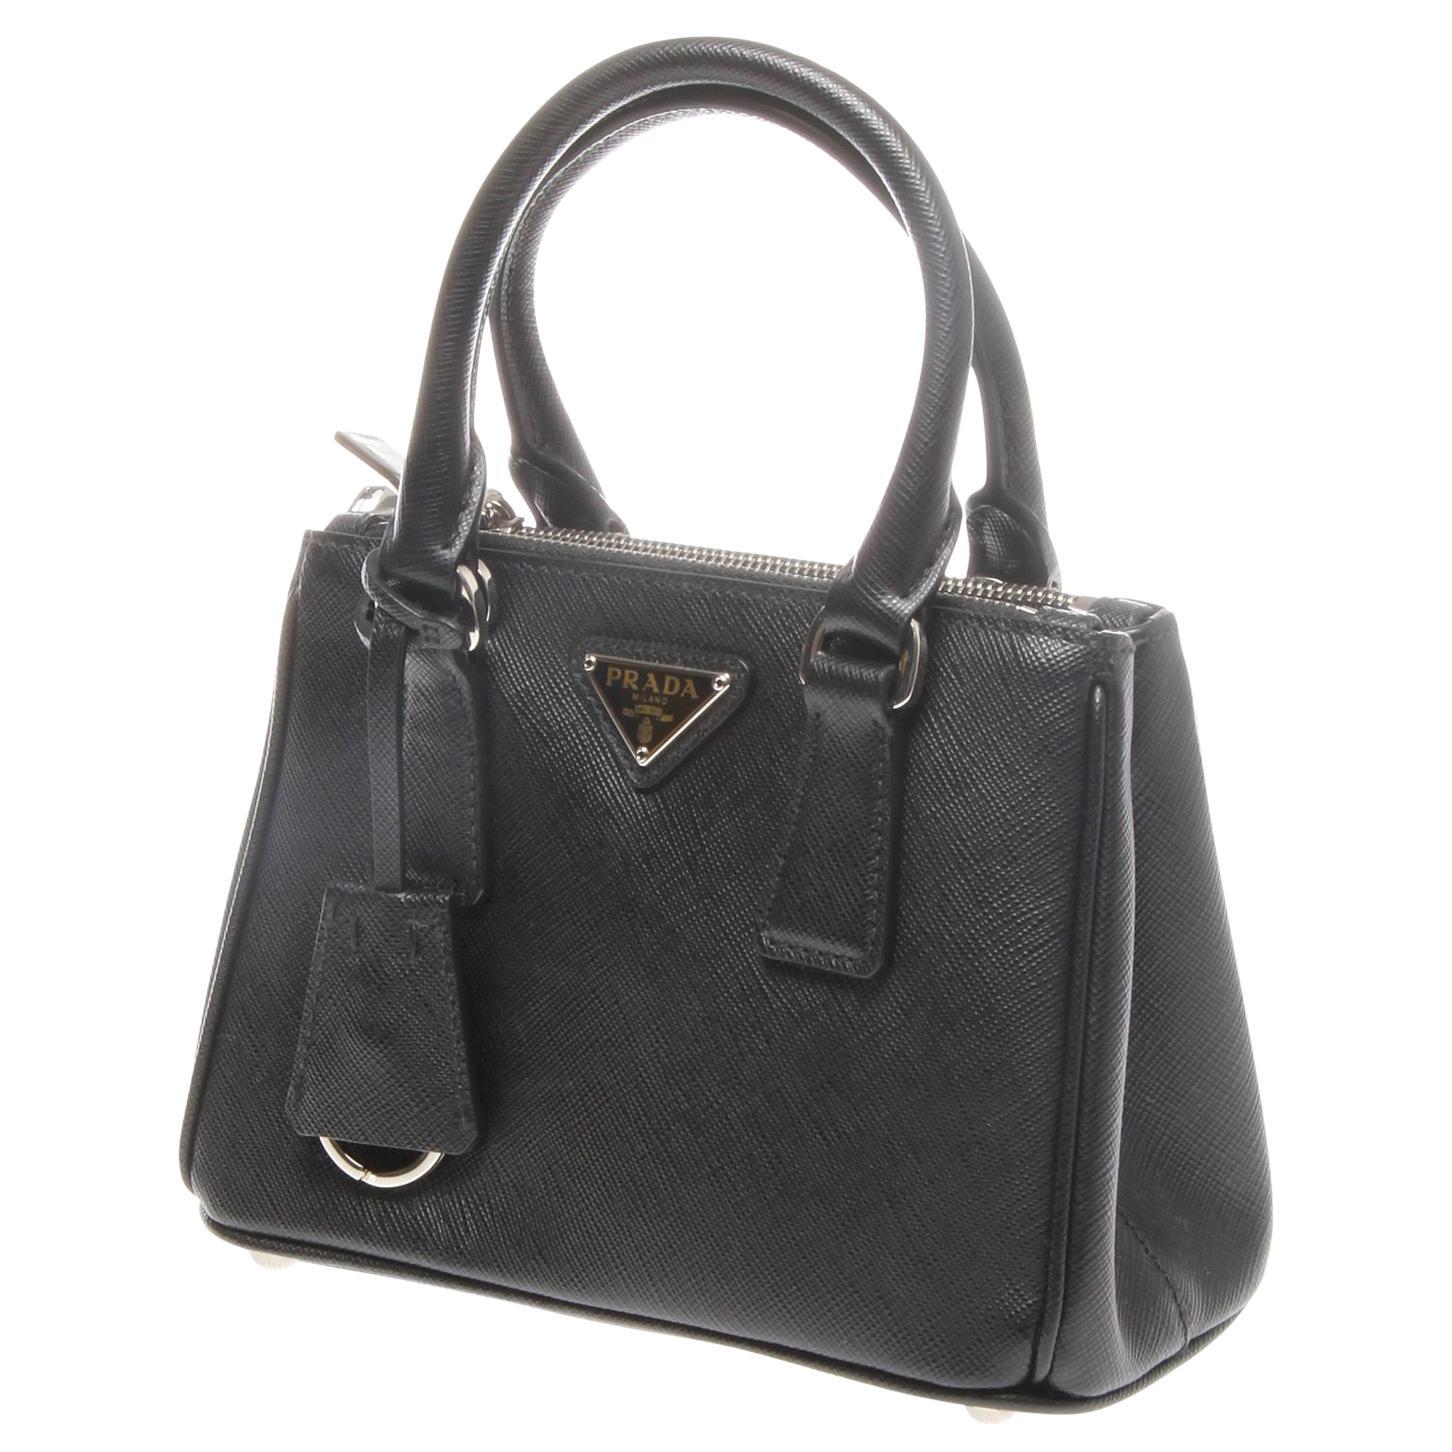 Italy Prada Saffiano Lux Mini Bag 8dd97 69d5e